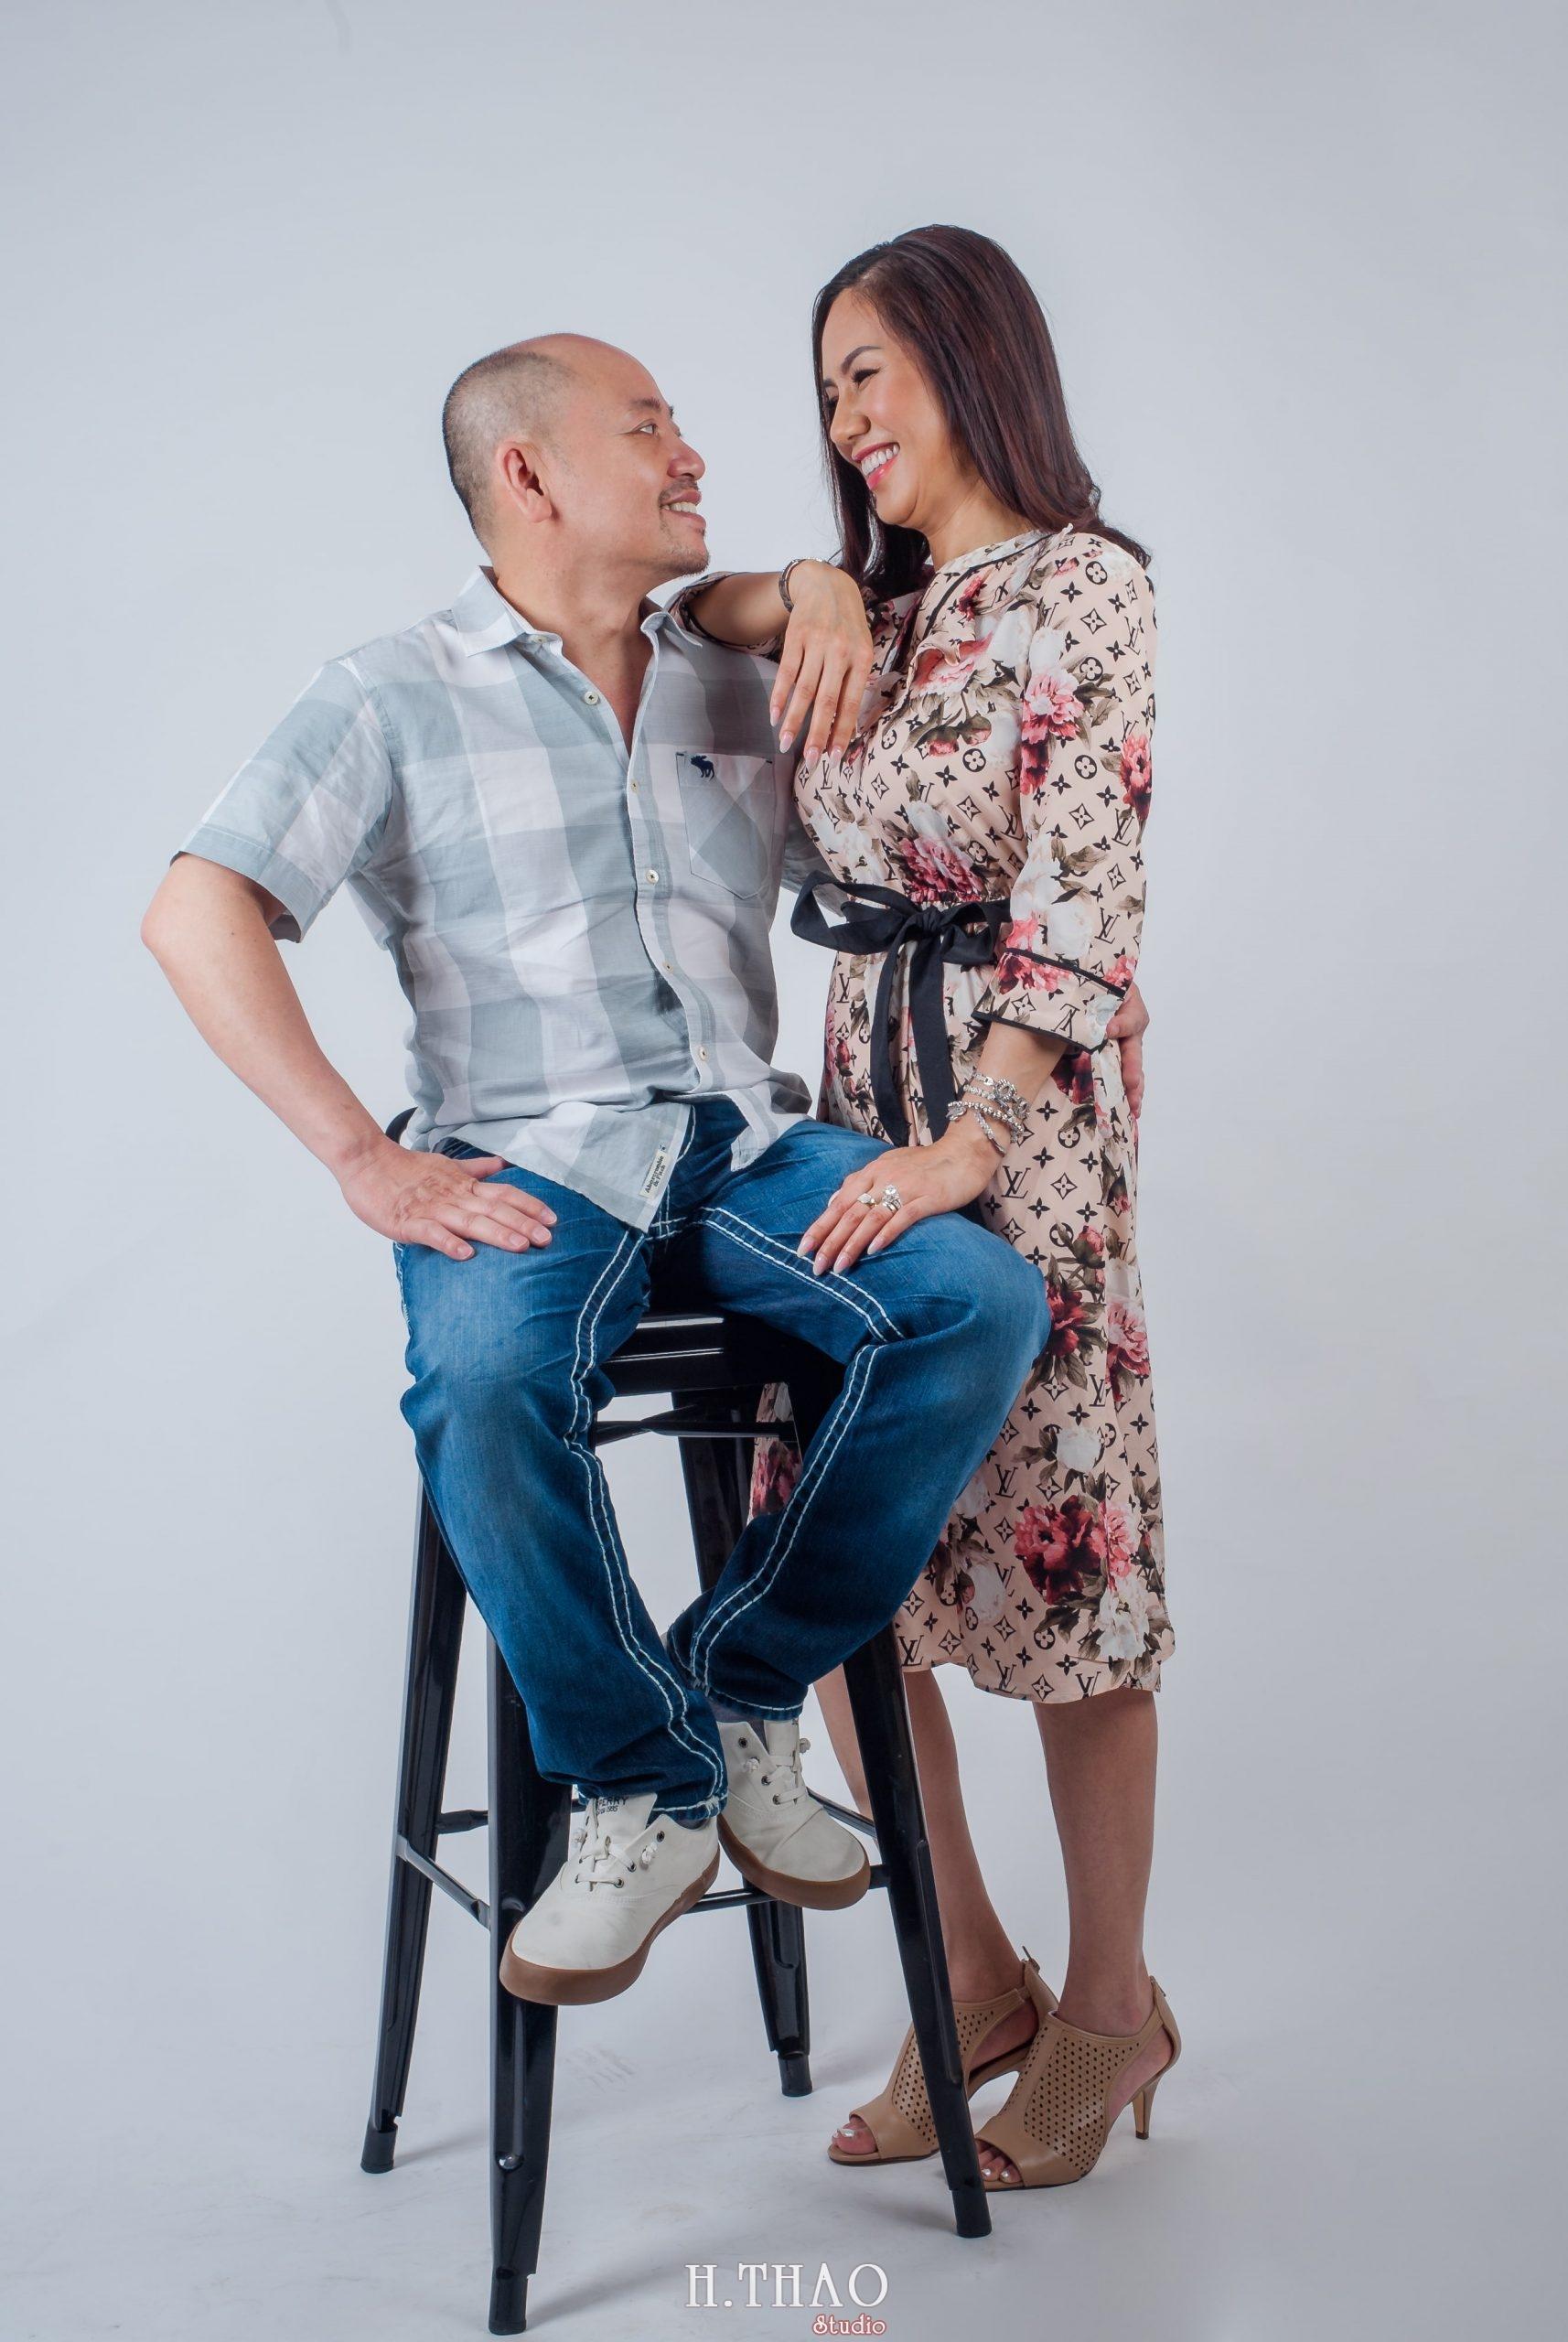 Jenny Nguyen 26 min scaled - Dịch vụ chụp ảnh kỷ niệm ngày cưới - HThao Studio